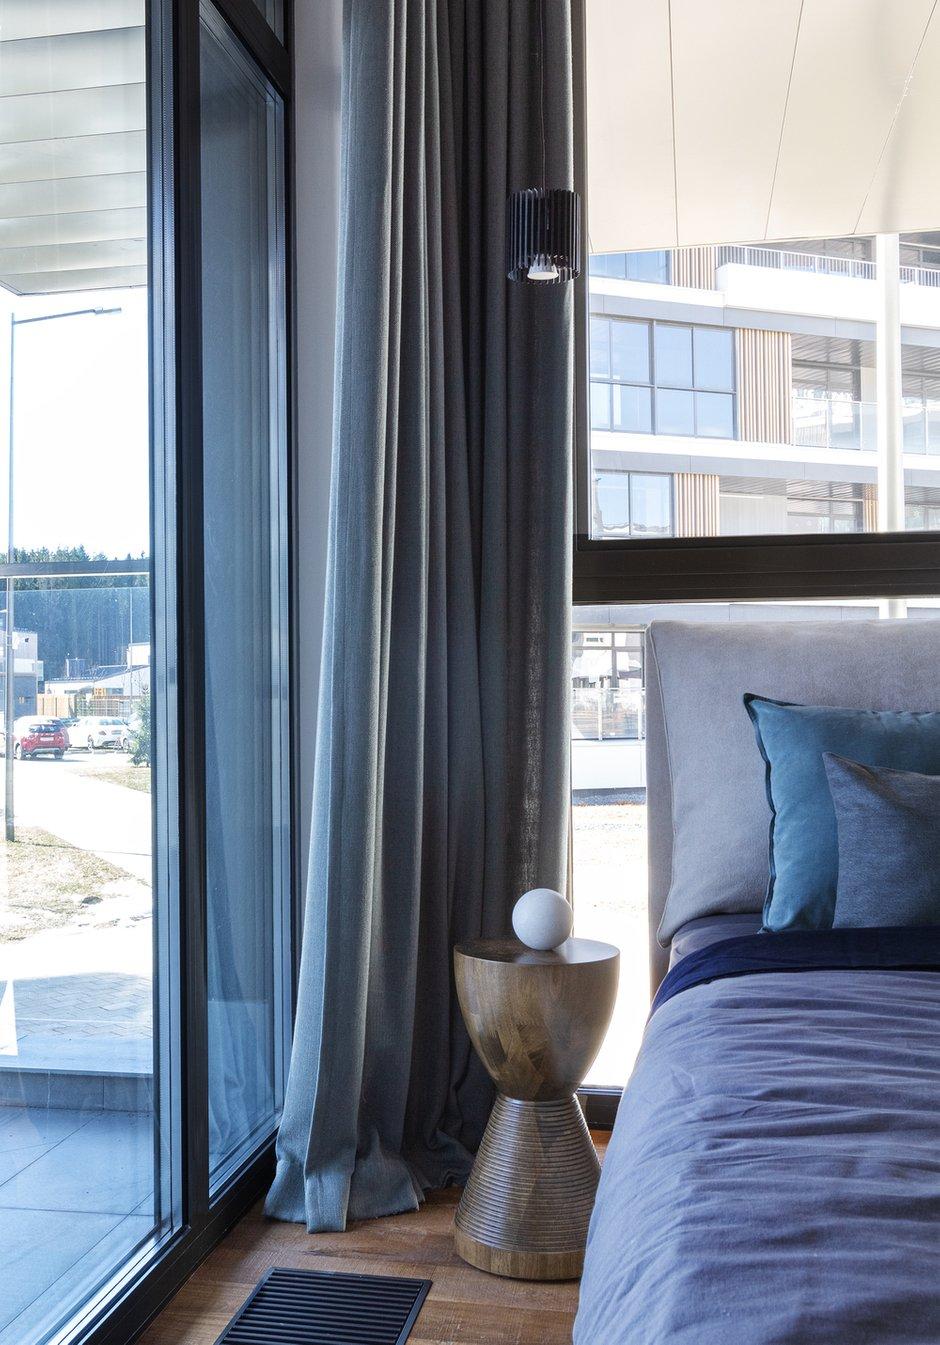 Кровать была просчитана до миллиметра и сделана на заказ. Один их прикроватных столиков напоминает тамбурин, другой — высокий деревянный табурет.